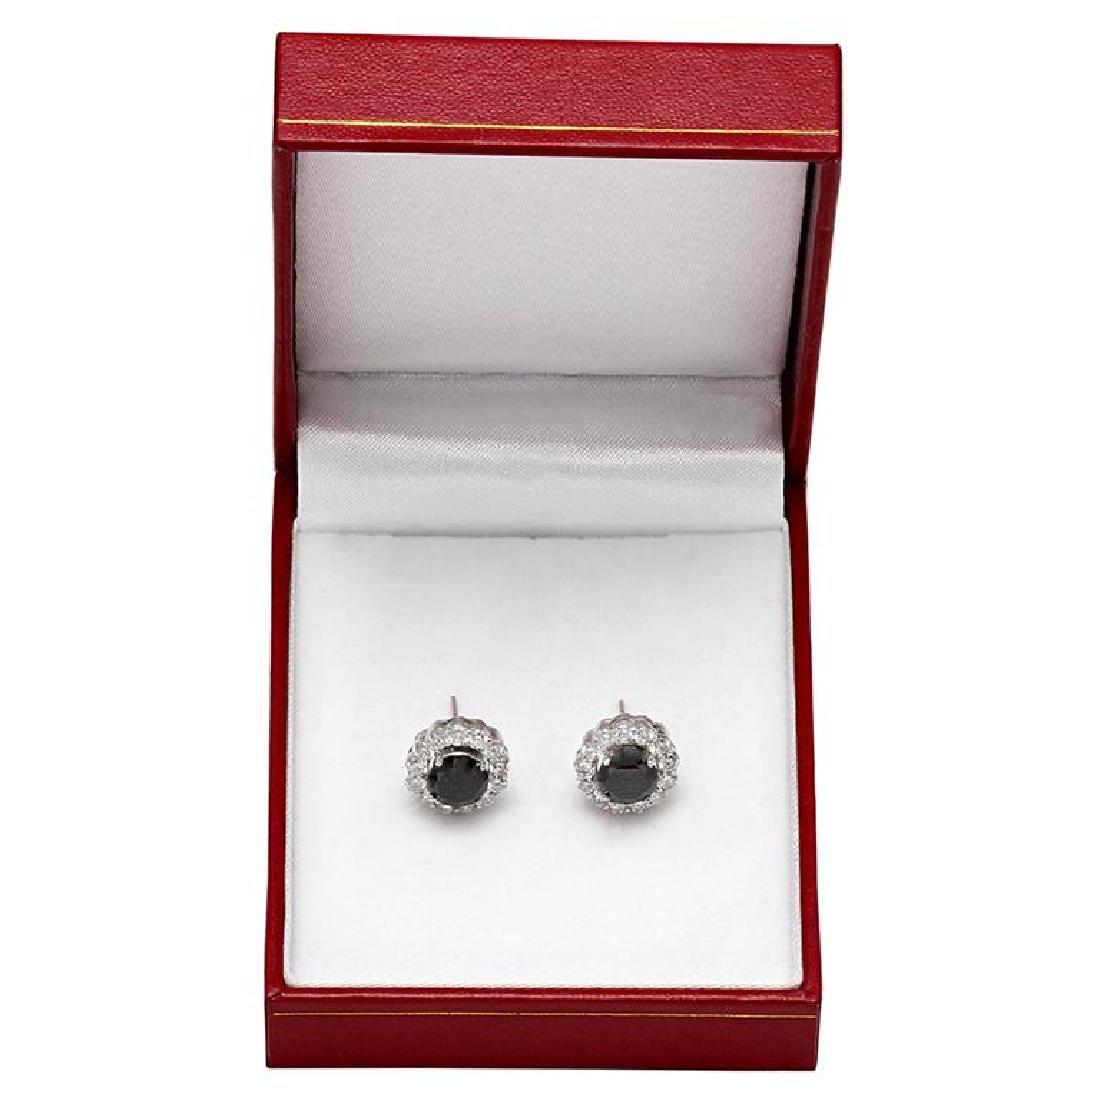 14k White Gold 2.65ct & 1.78ct Diamond Earrings - 3